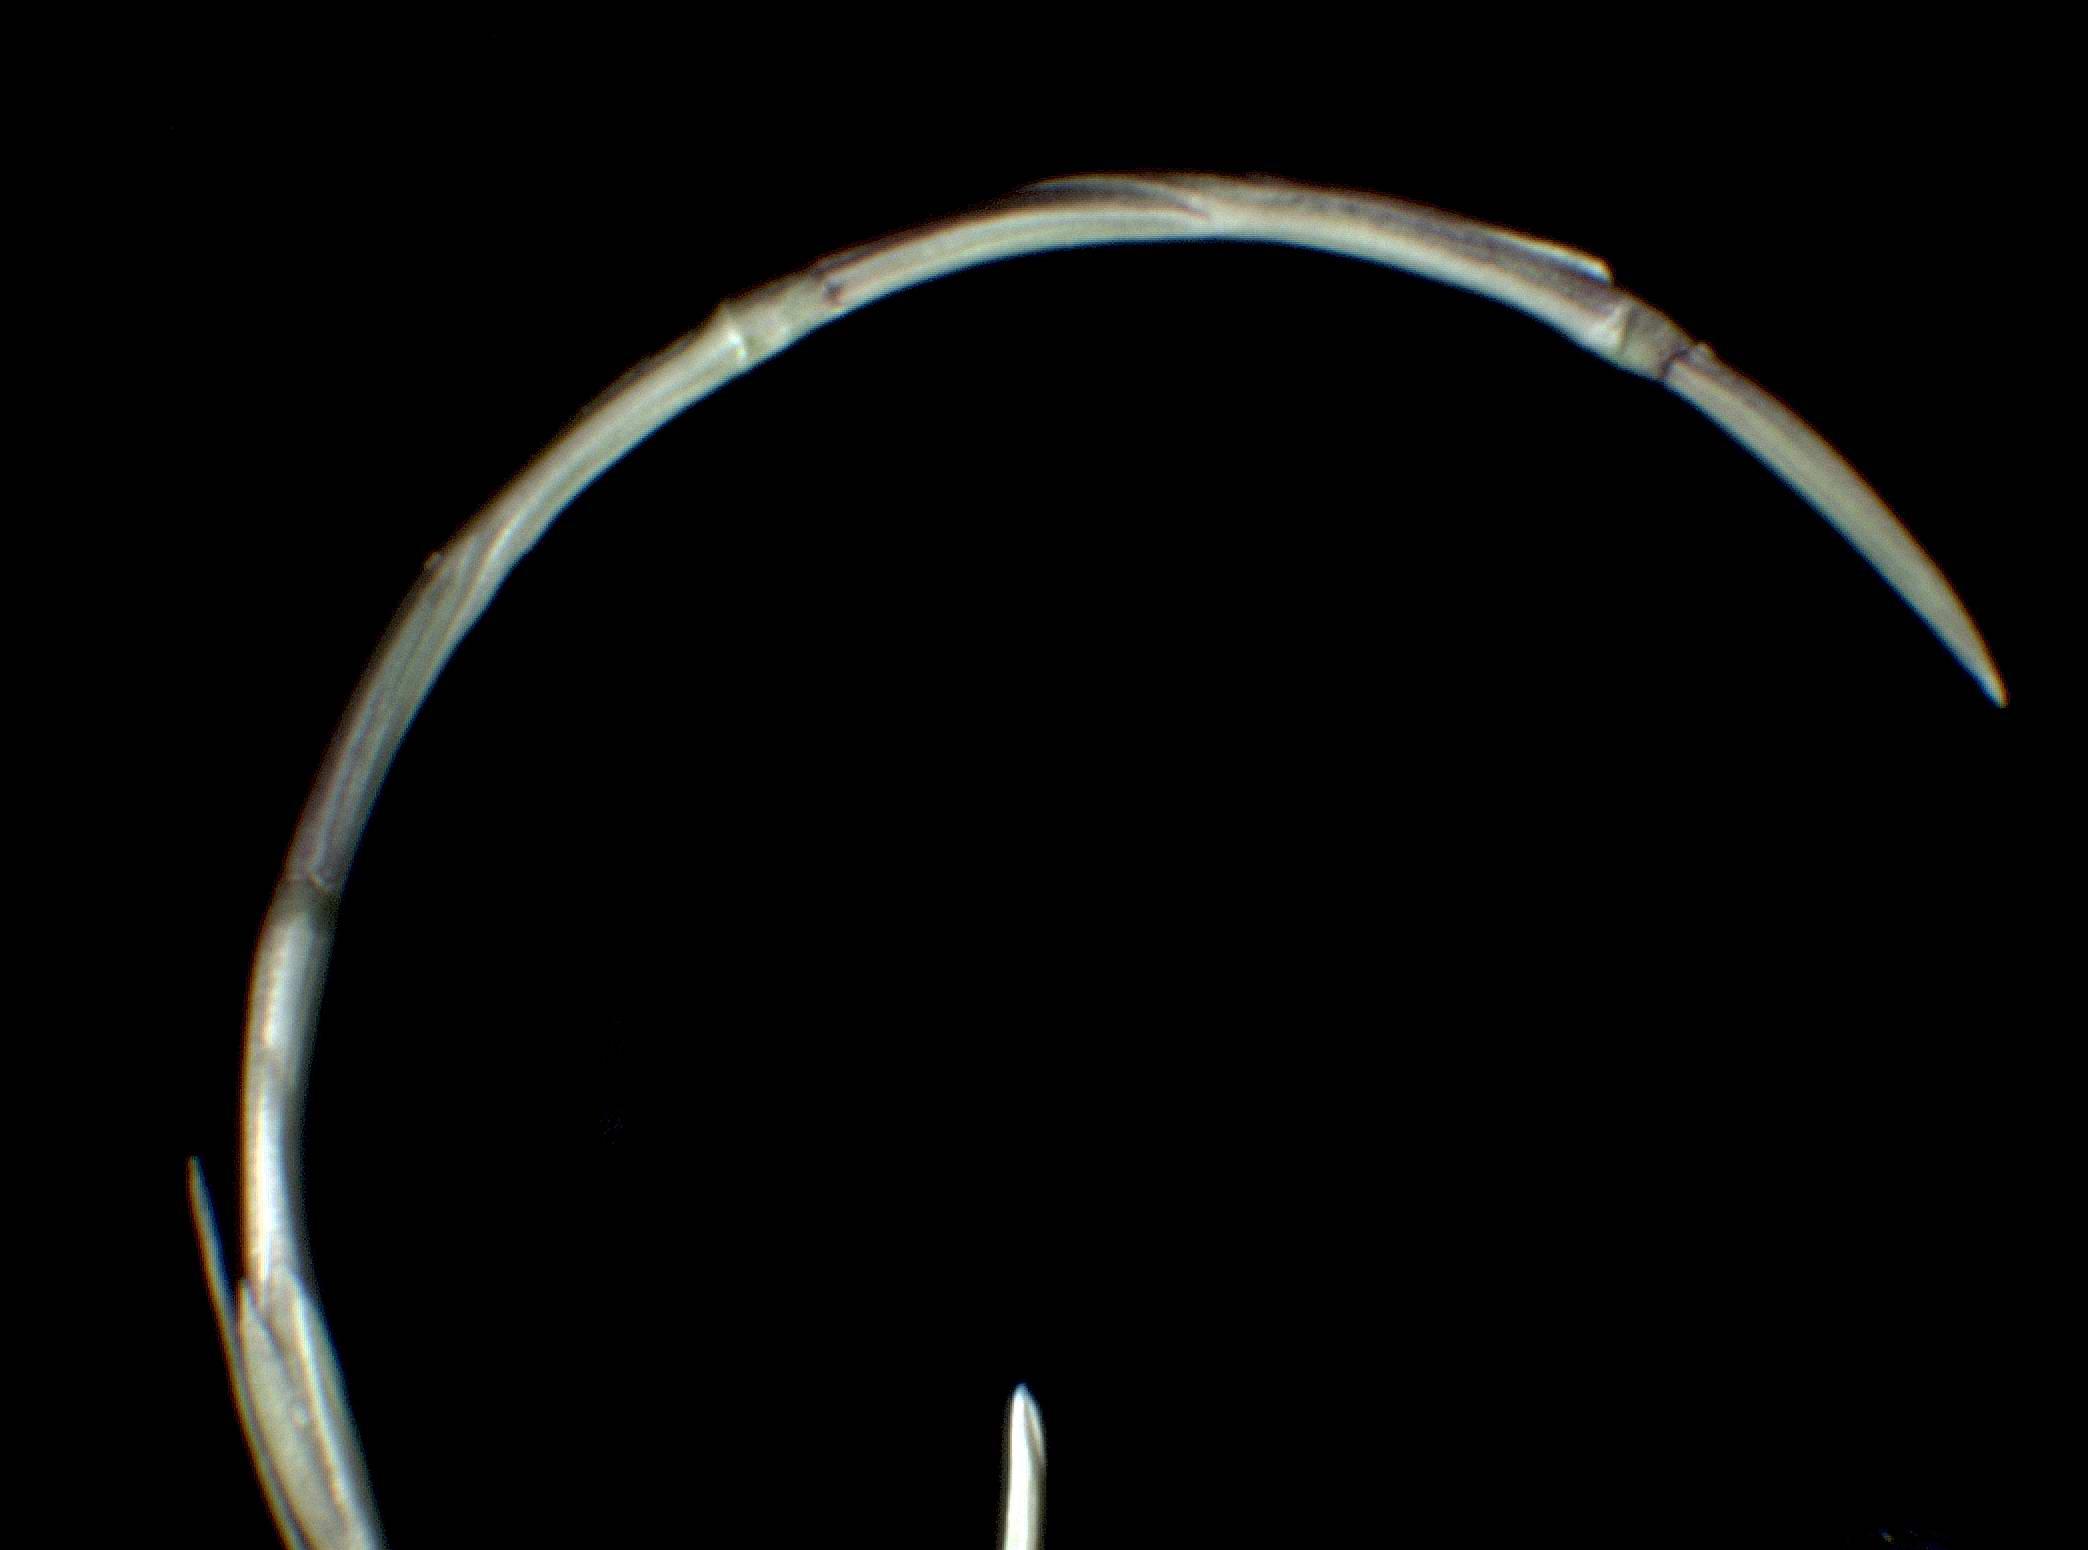 © Dipartimento di Scienze della Vita, Università degli Studi di Trieste<br>by A. Moro<br>Isole Tremiti, FG, Puglia , Italia, 17/2/04 0.00.00<br>Distributed under CC-BY-SA 4.0 license.